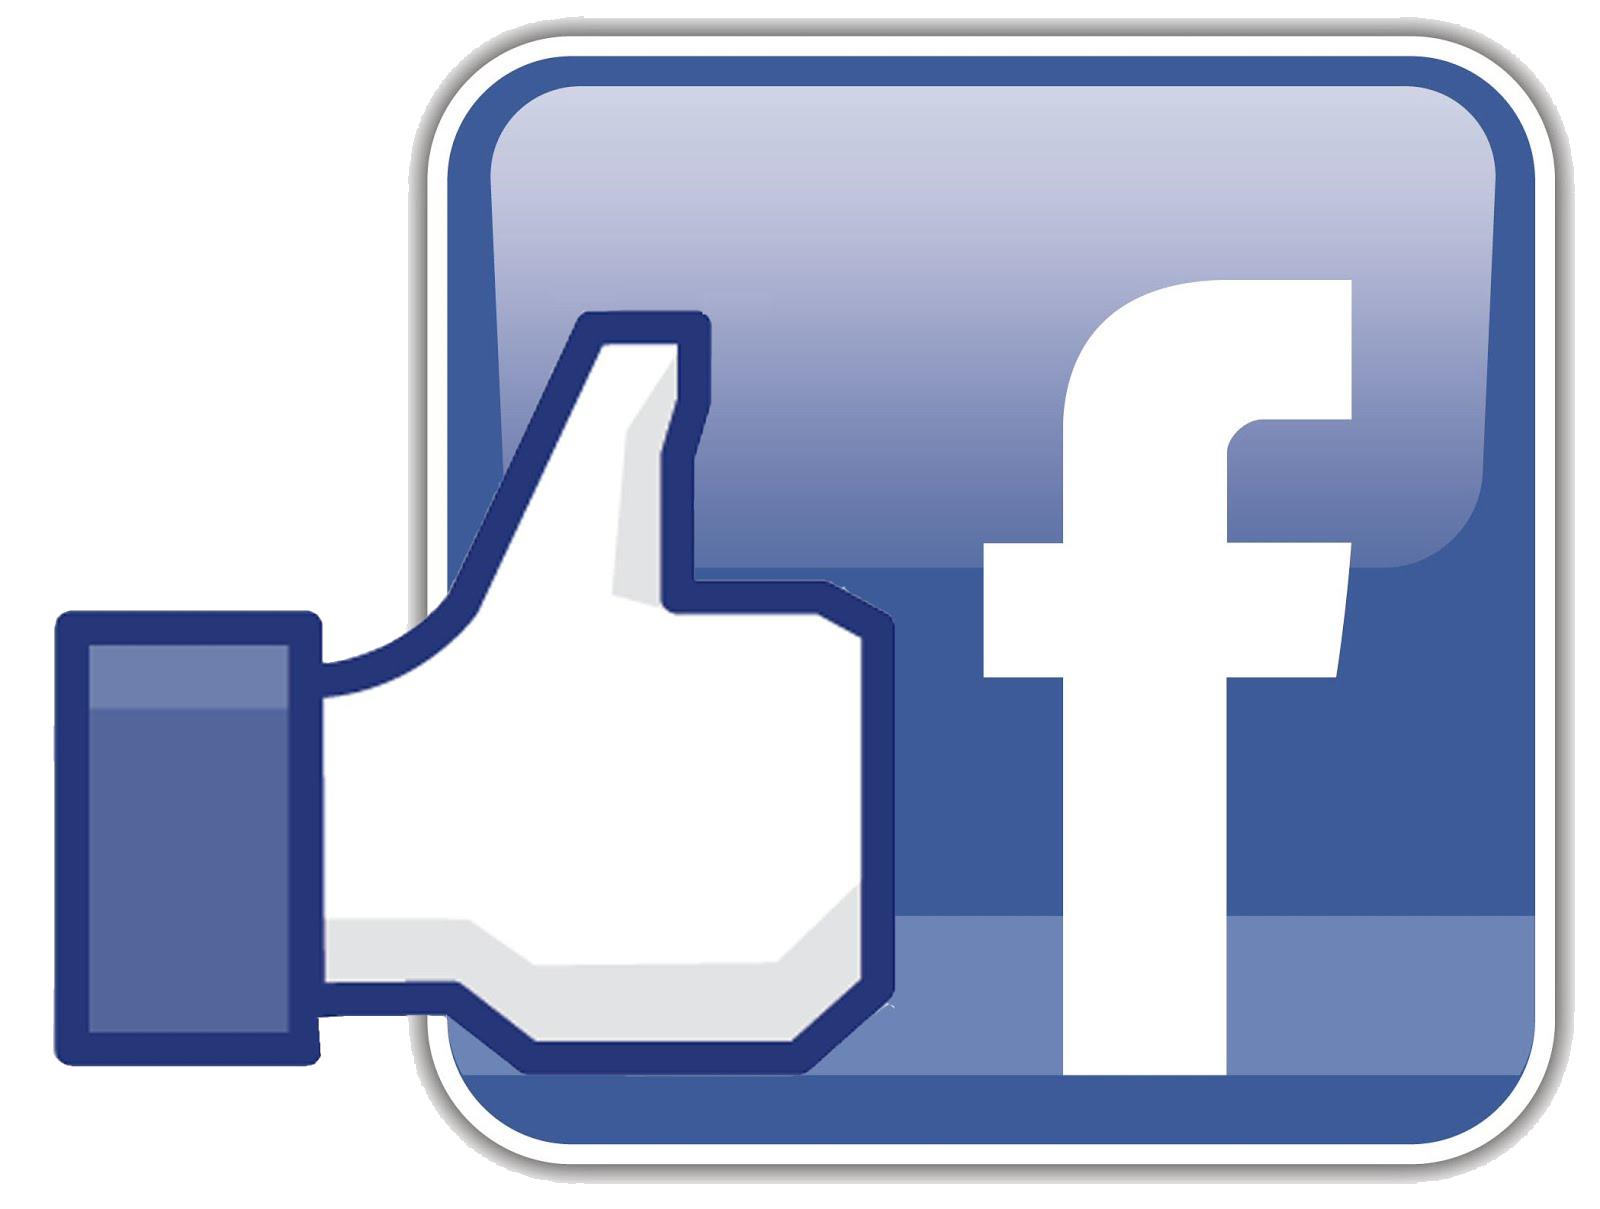 Facebook Logo Png 2 Image #1 - Facebook PNG